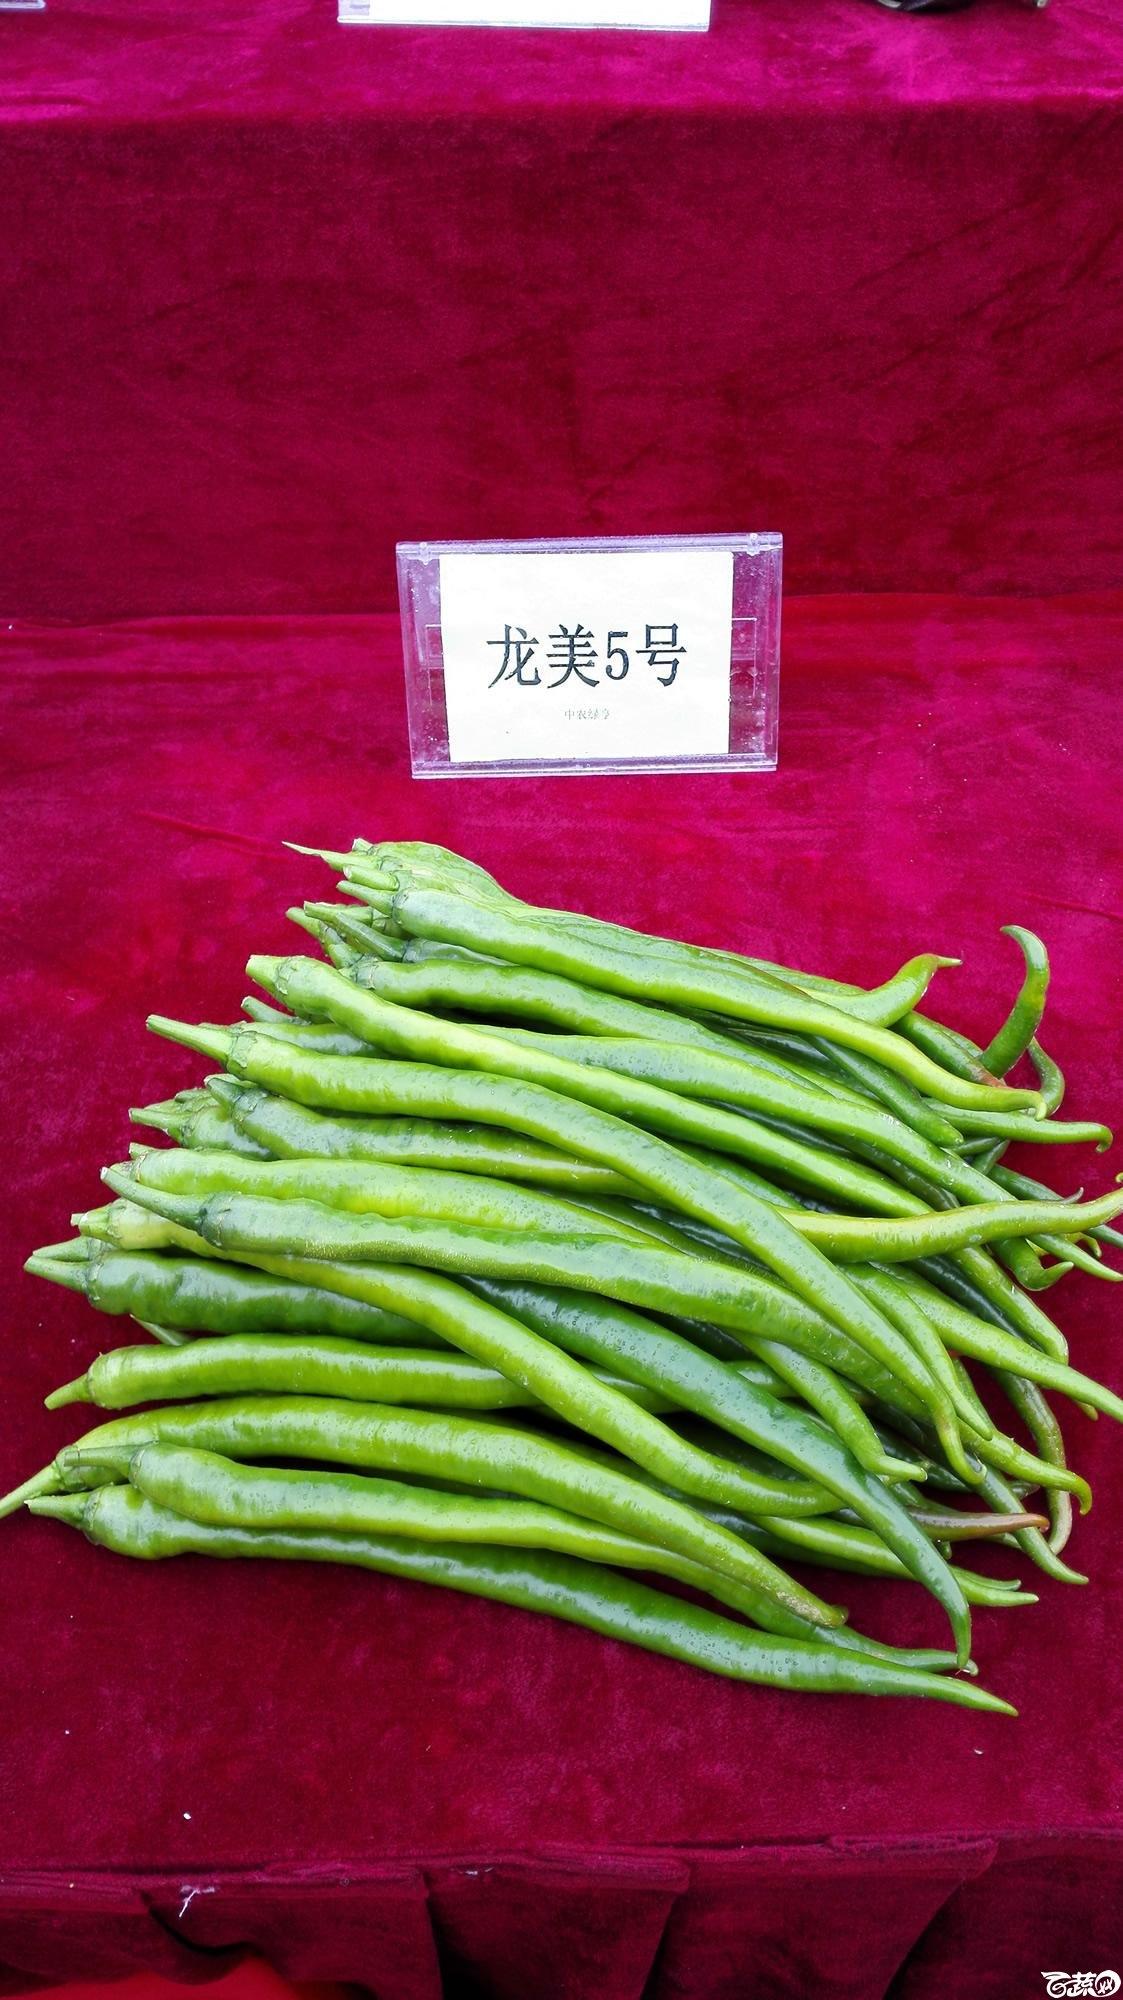 2014年12月8号中山蔬菜新品种展示会_辣椒_002.jpg